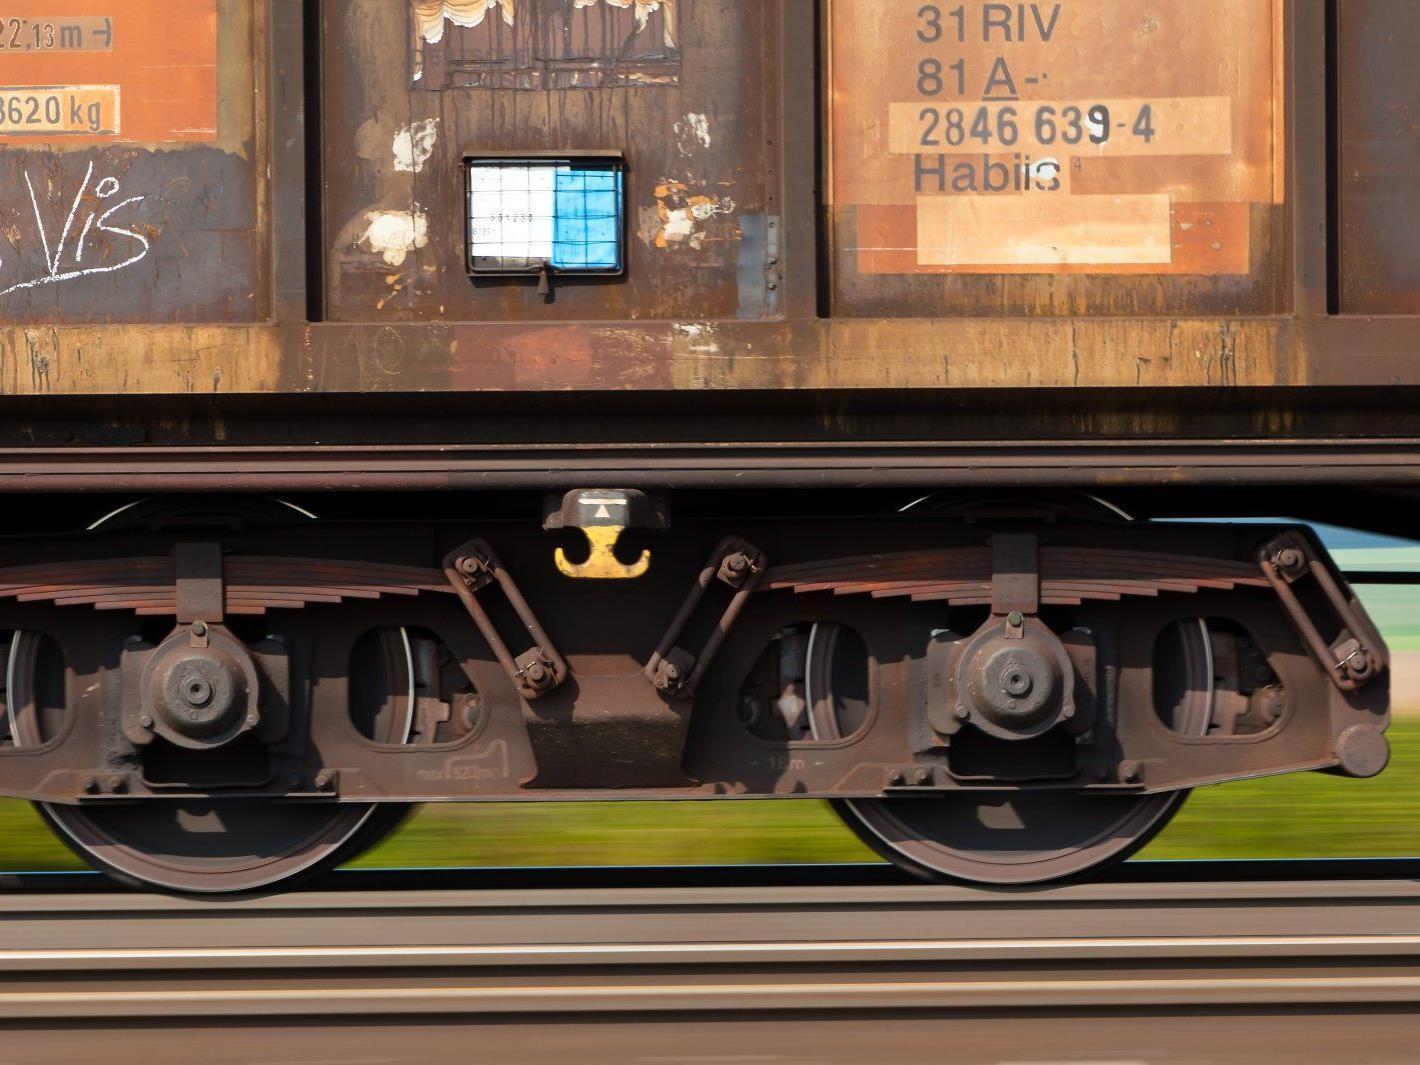 Der Junge wurde beim Versuch die Gleise zu überqueren frontal vom Zug erwischt und getötet.